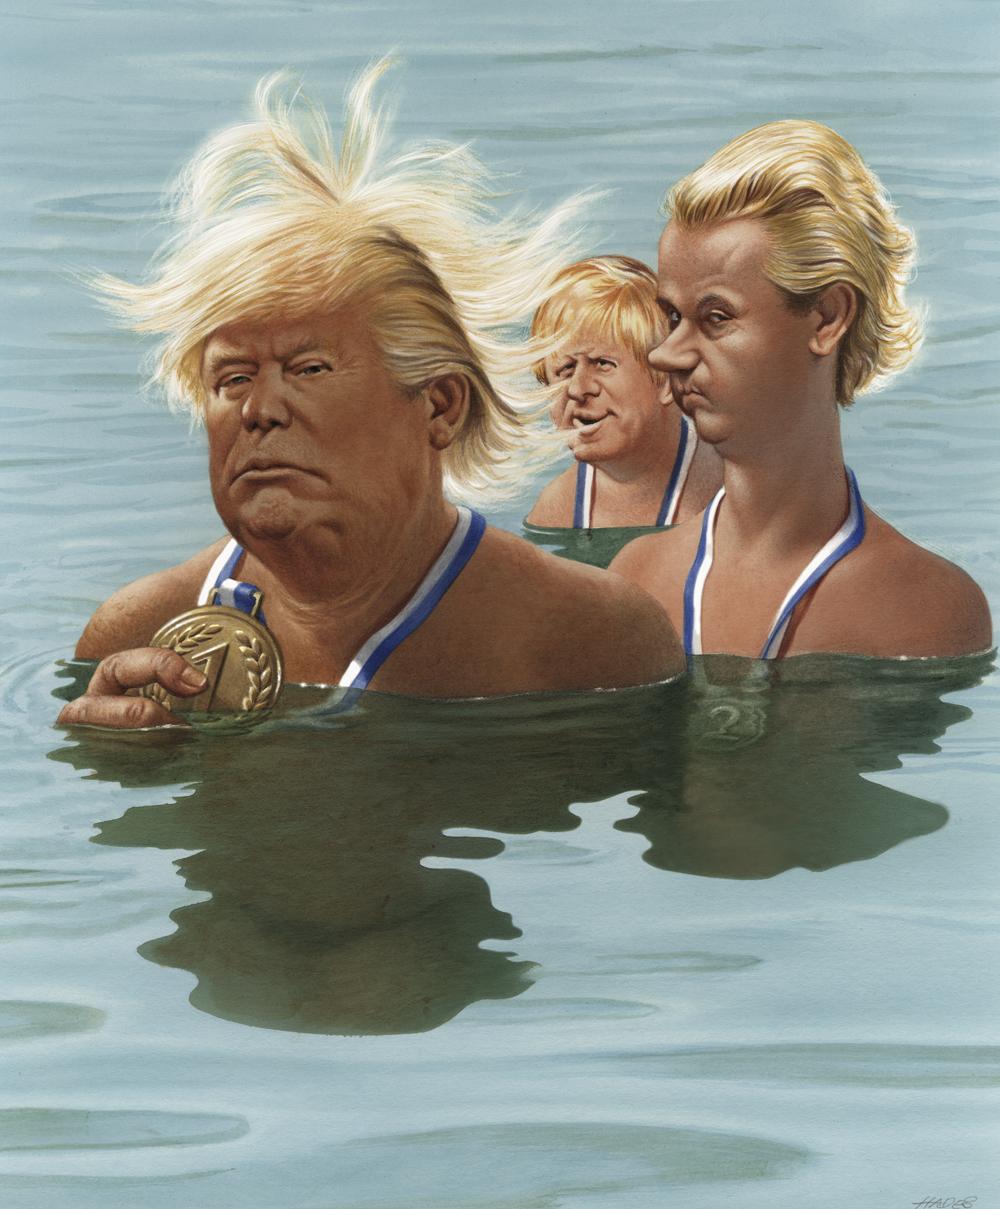 Gerhard Haderer, Sommerfrisuren-Contest 2016: Die USA siegen knapp vor Holland und Großbritannien, 2016, Privatbesitz. © Gerhard Haderer, 2017